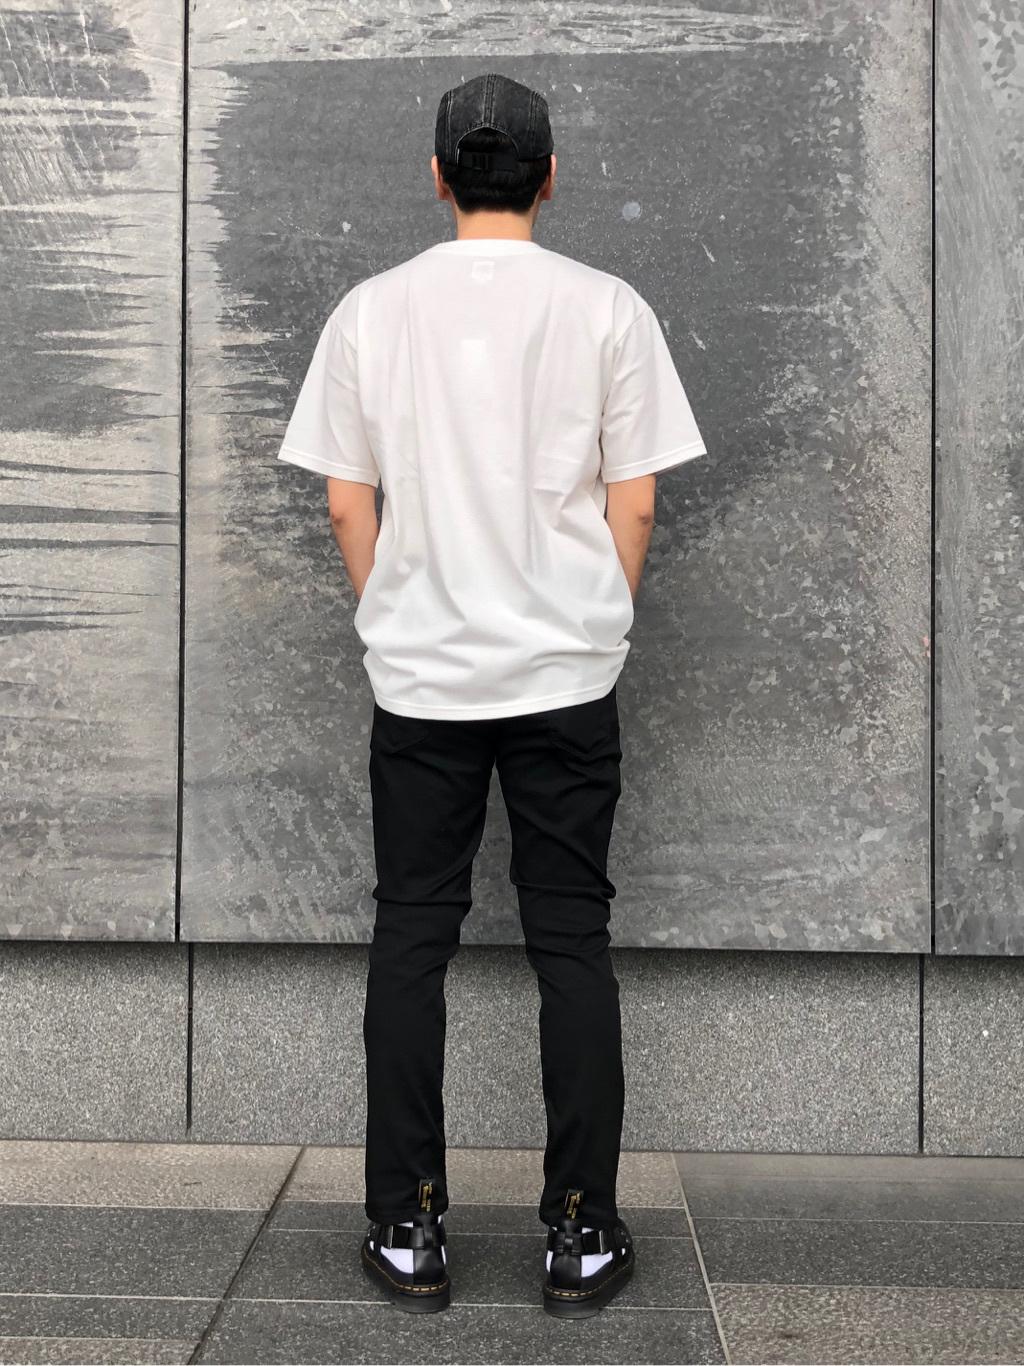 LINKS UMEDA店のKo-jiさんのEDWINの【ガレージセール】EDWIN BOXロゴ Tシャツ 半袖を使ったコーディネート